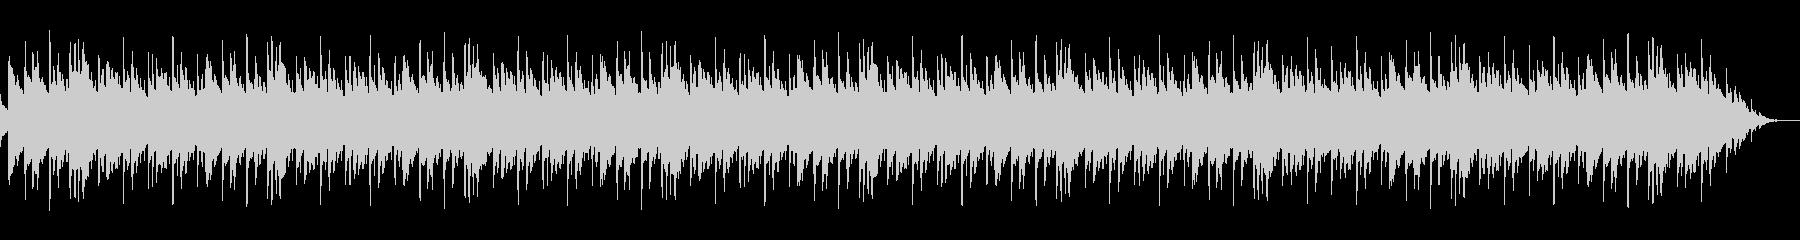 琴を使った繰り返しの短い曲の未再生の波形